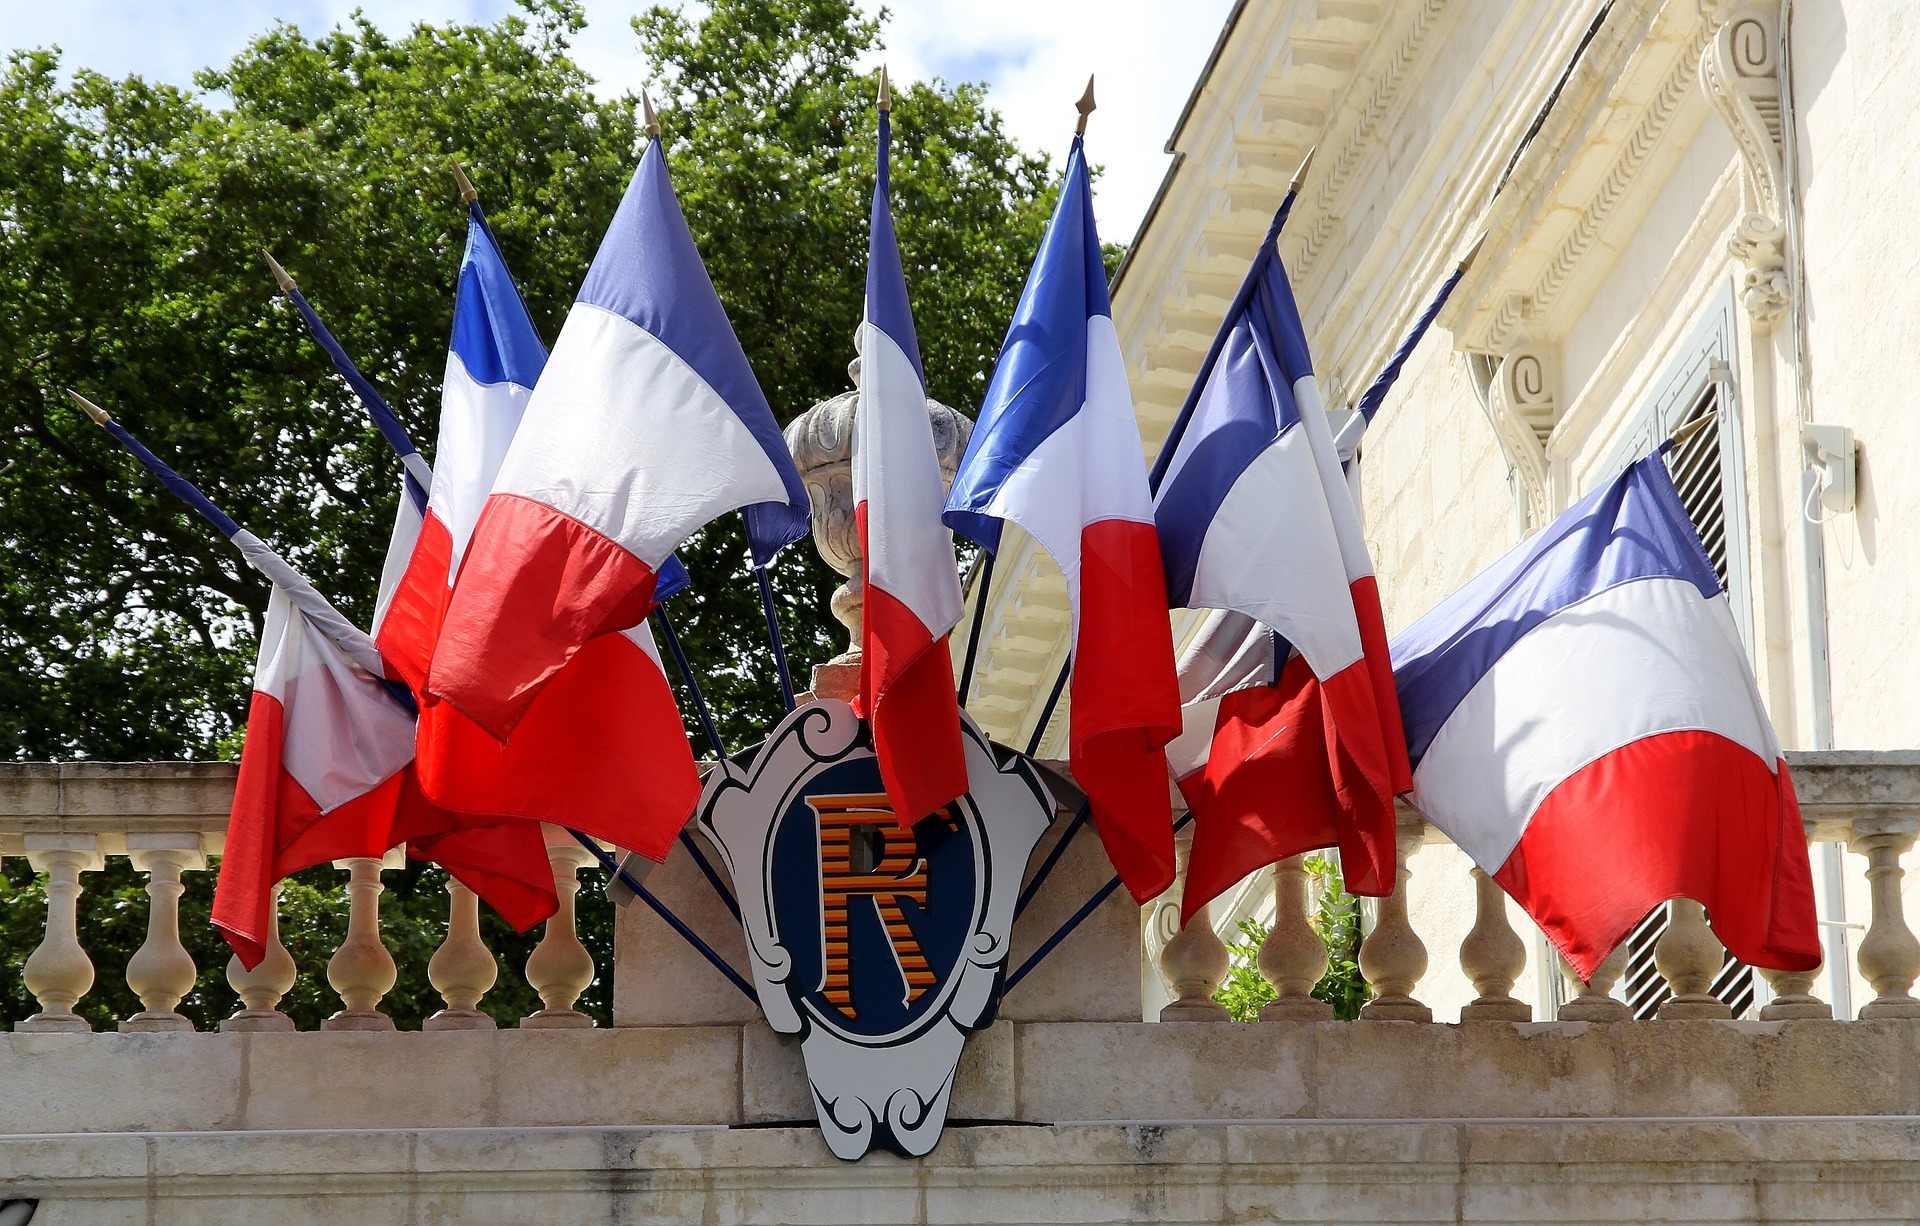 Drapeaux tricolores sur un bâtiment public